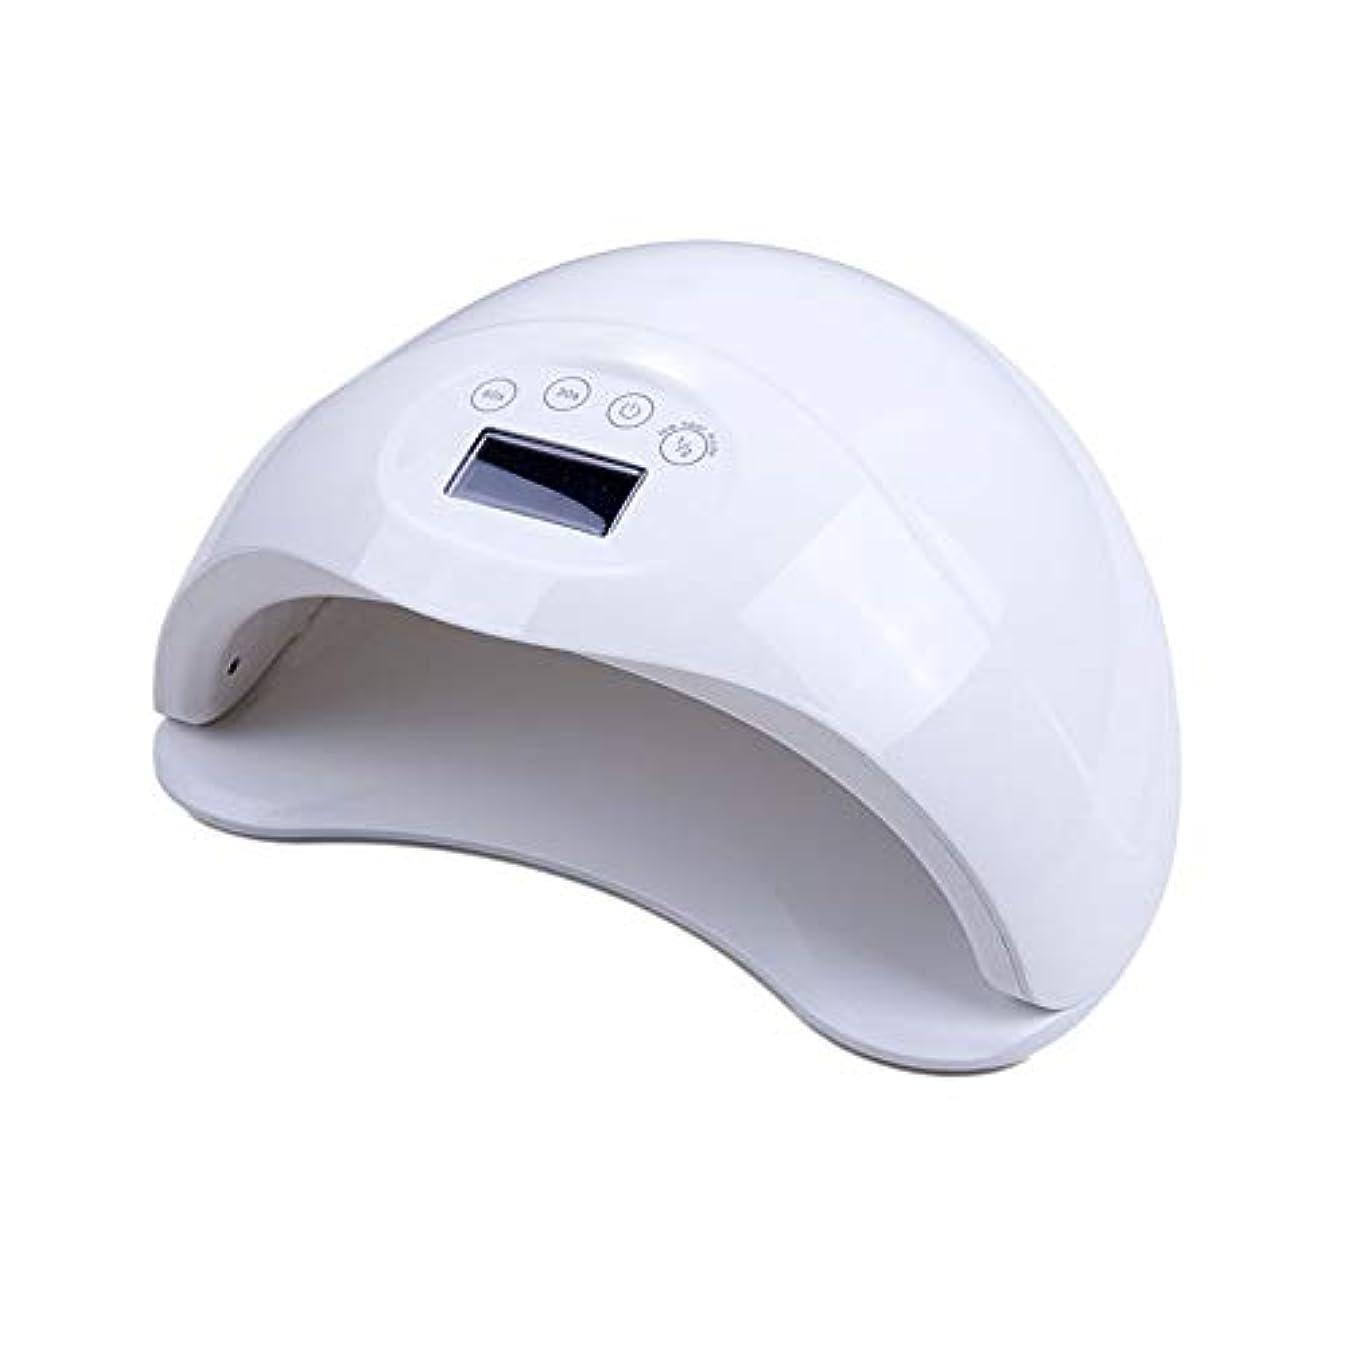 殉教者主導権二48Wネイルドライヤー、LEDジェル、UVランプネイルマシンのすべての種類のダブルUV LEDランプ、スマートタイマーLCD表示ツール